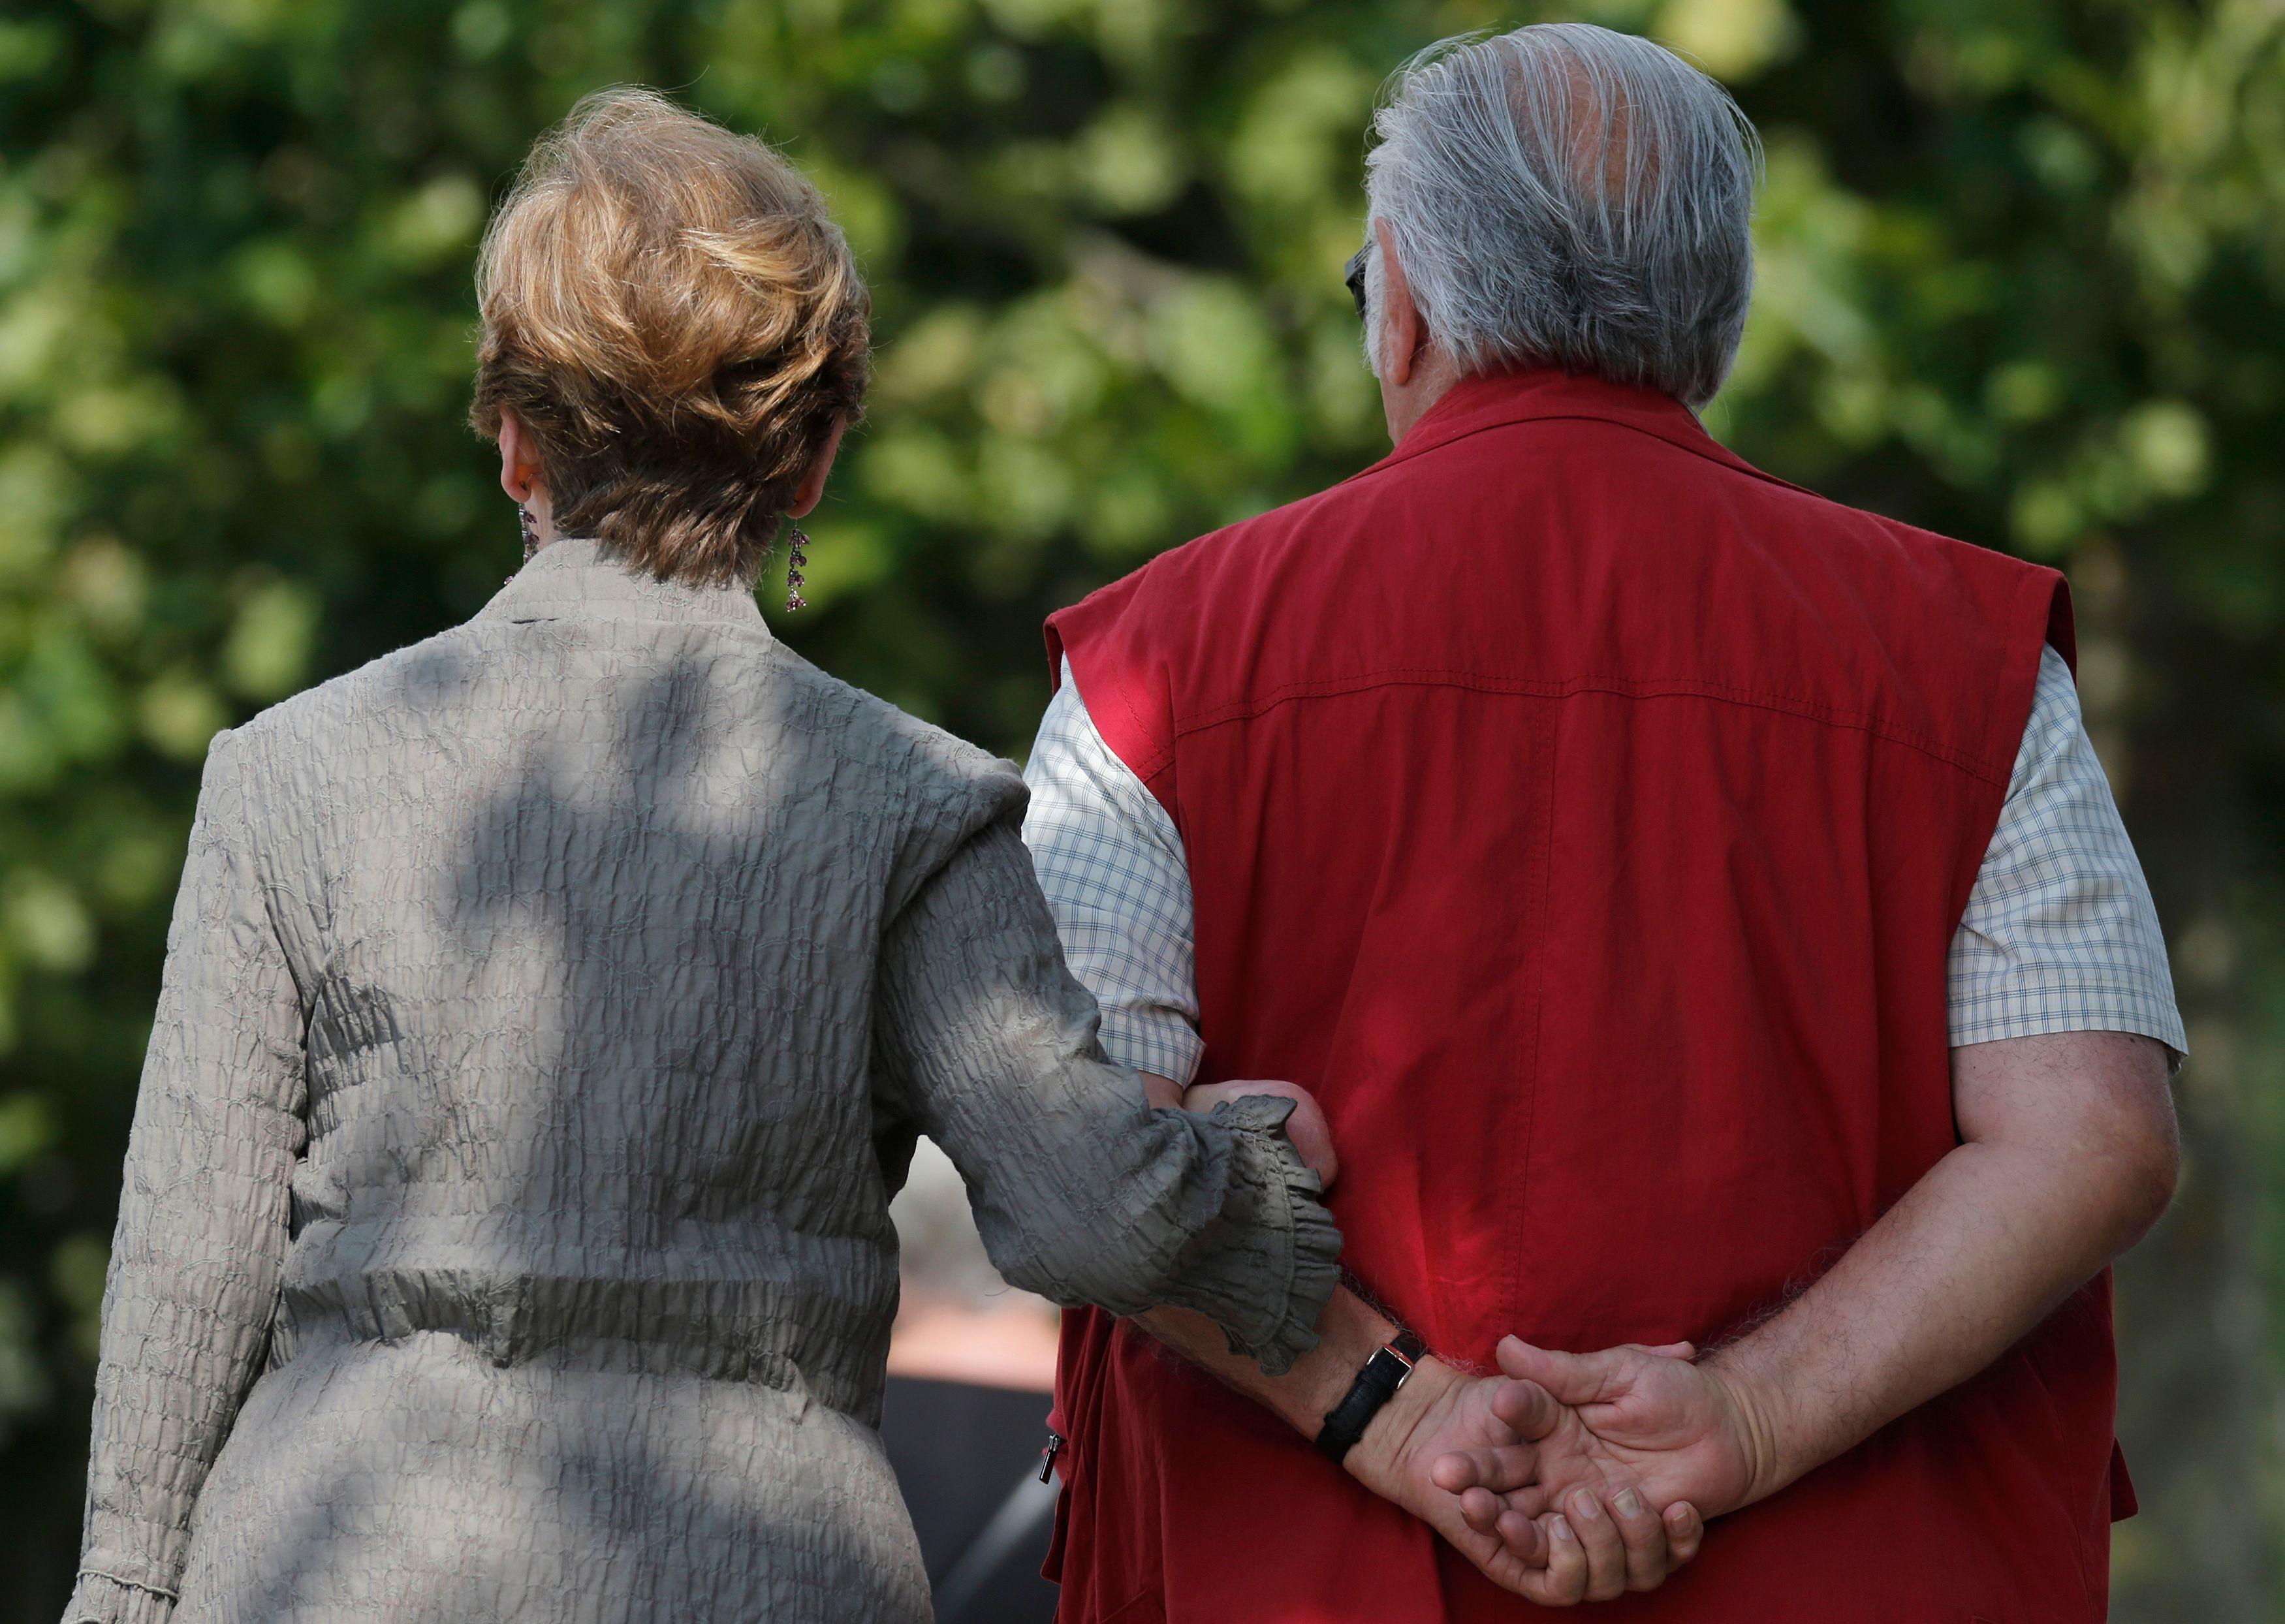 Retraites et consensus scientifique: peut-on vraiment prendre les retraito-sceptiques au sérieux?